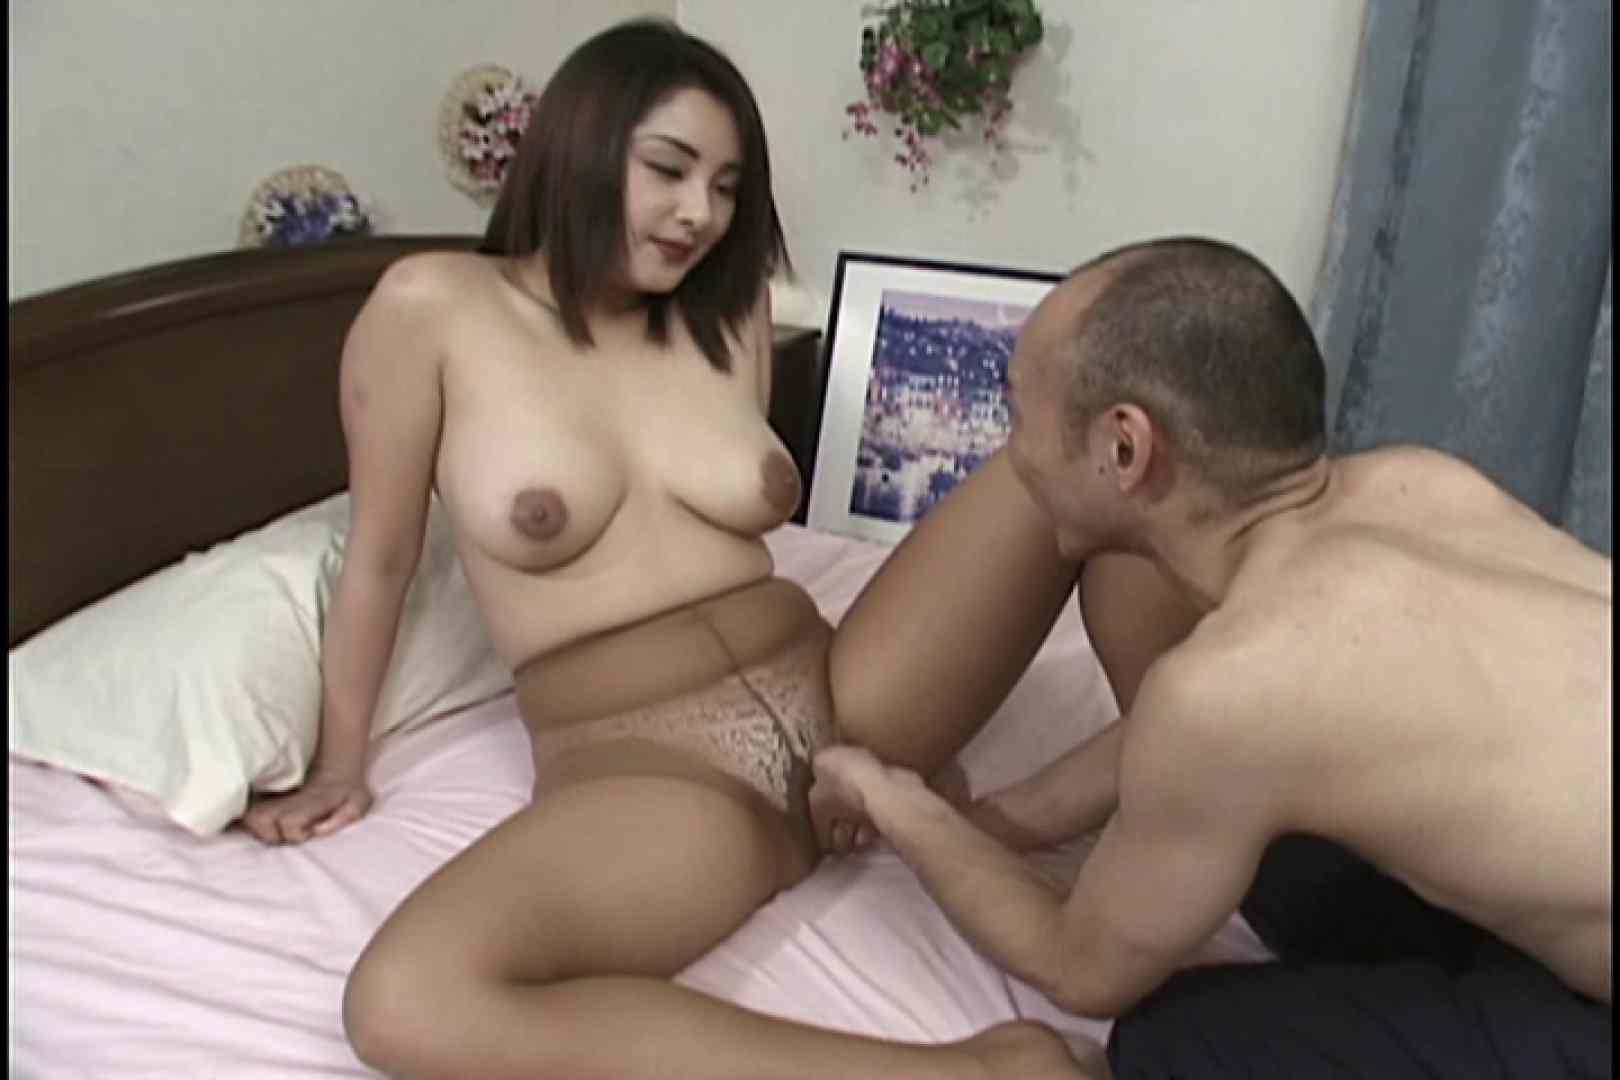 エロフェロモン全開の90センチ巨乳の淫乱人妻とSEX~篠崎麻美~ バイブ  69pic 59